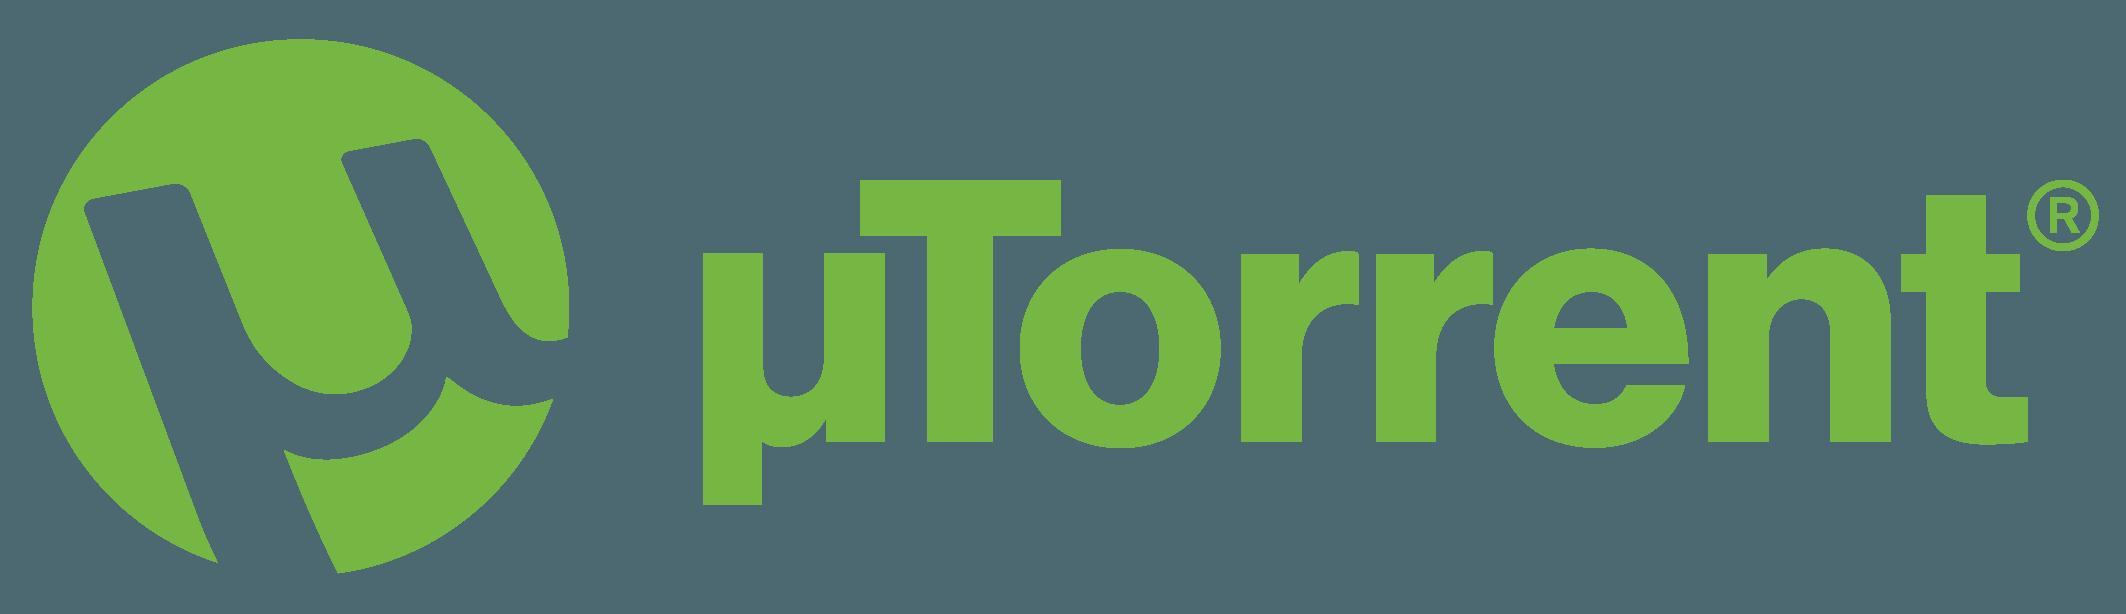 download-utorrent 64 bits